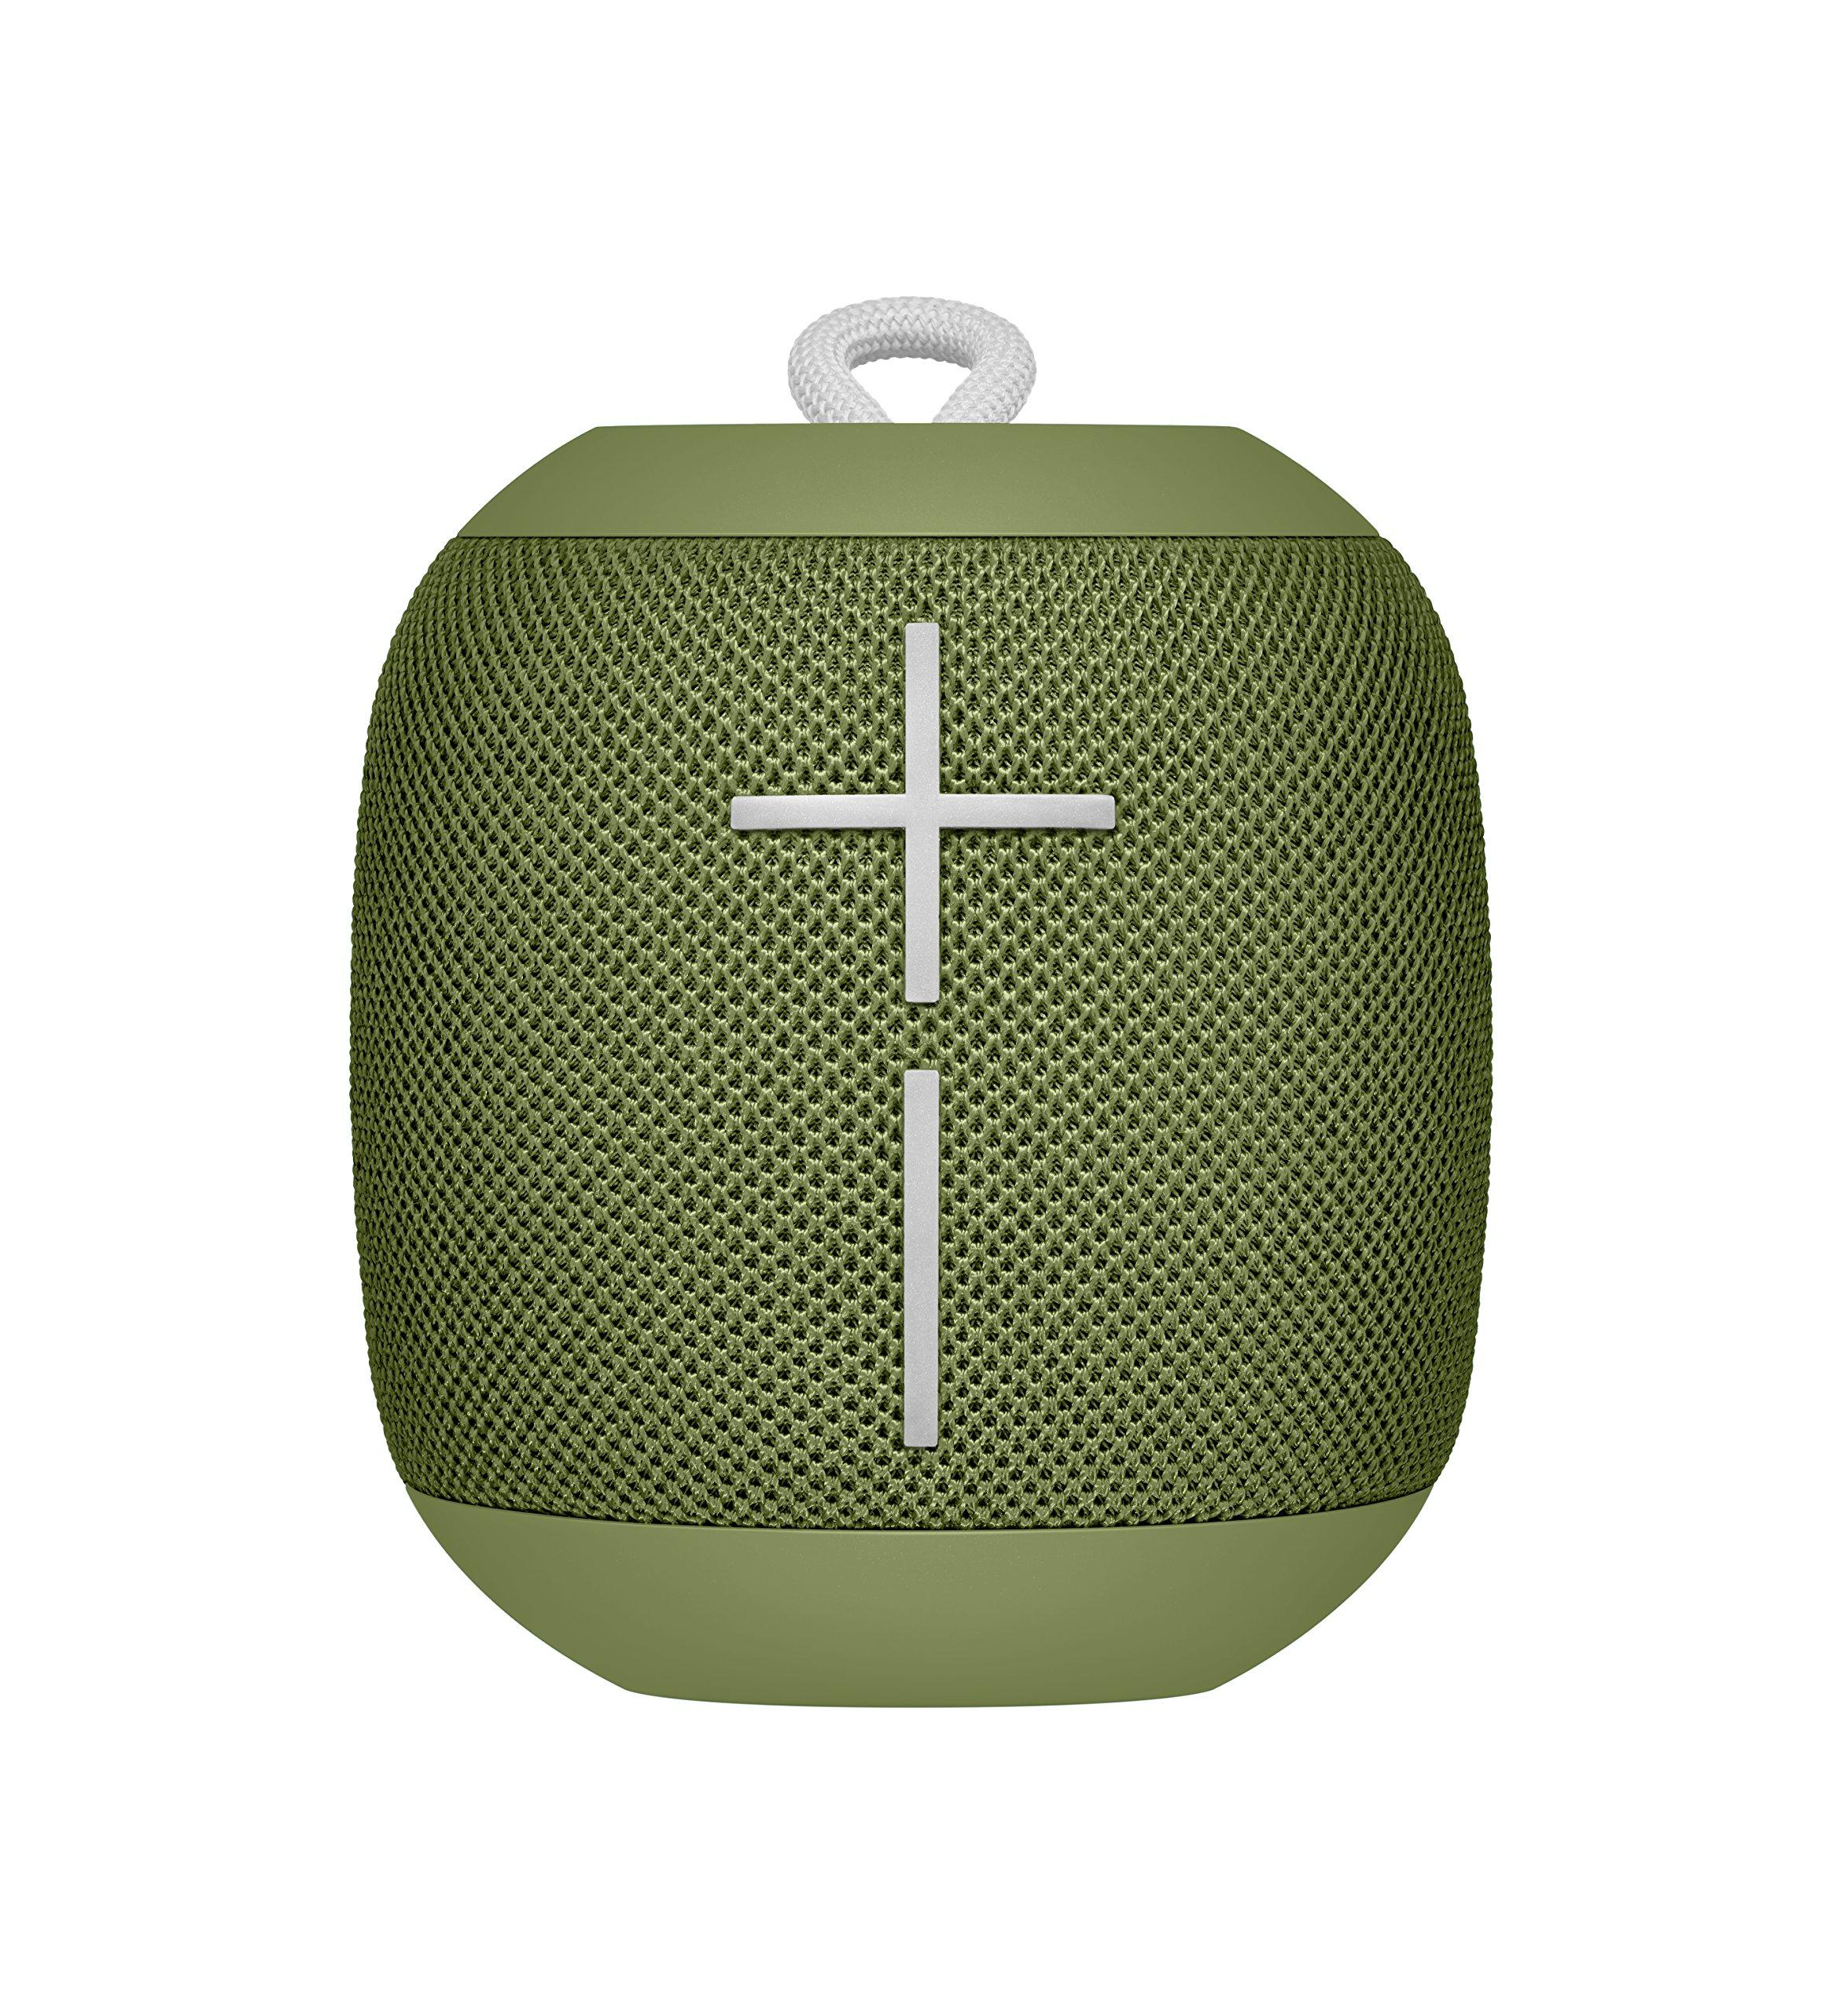 WONDERBOOM Waterproof Bluetooth Speaker - Avocado